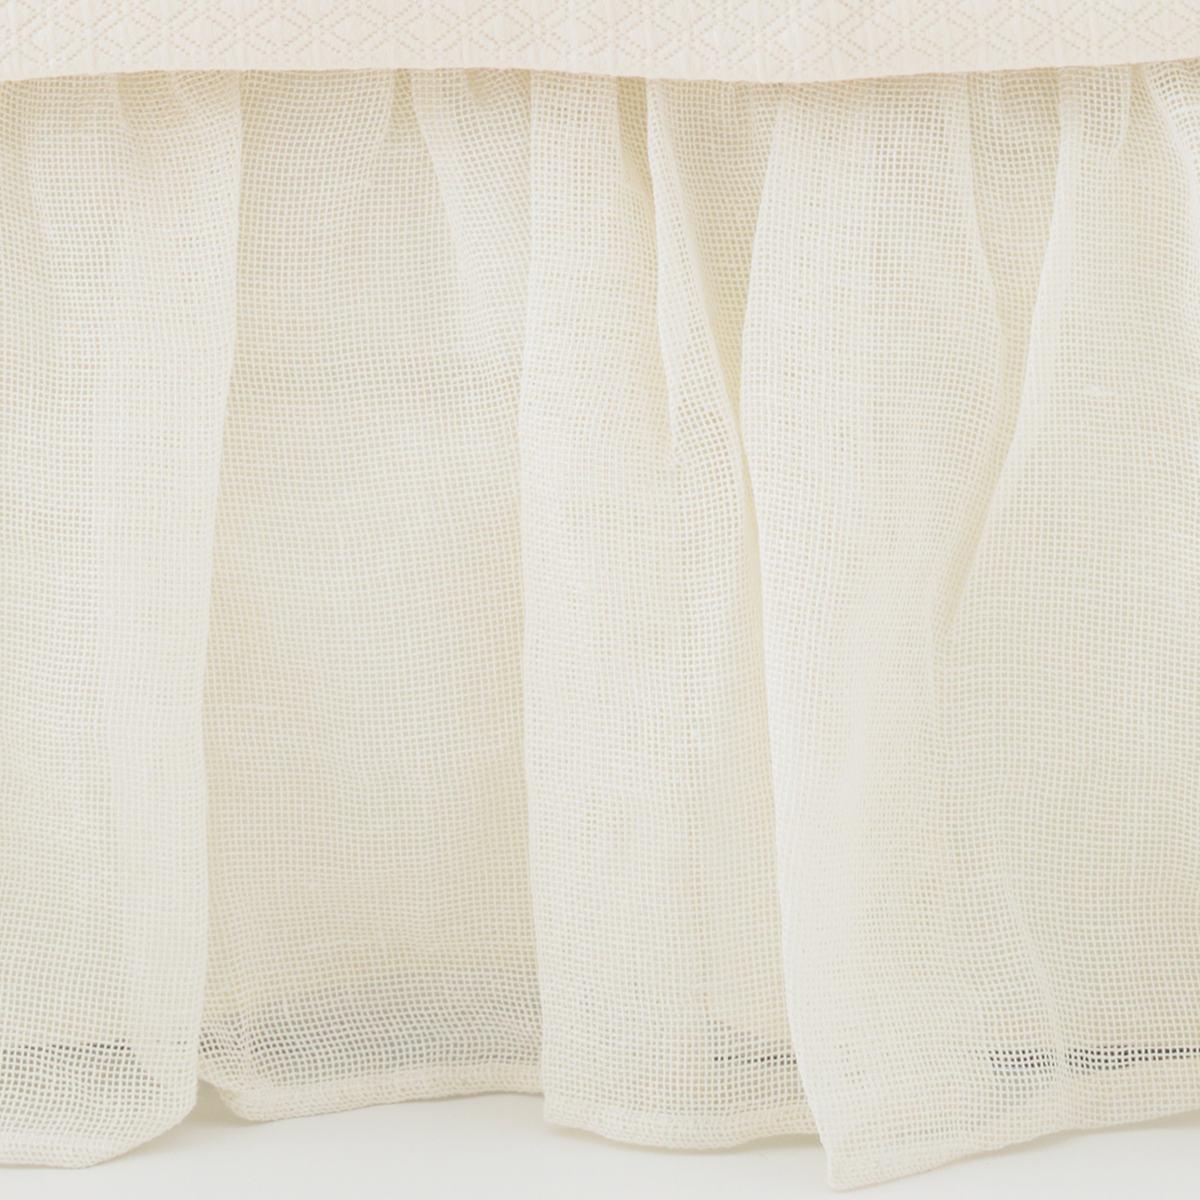 Linen Mesh Ivory Bed Skirt